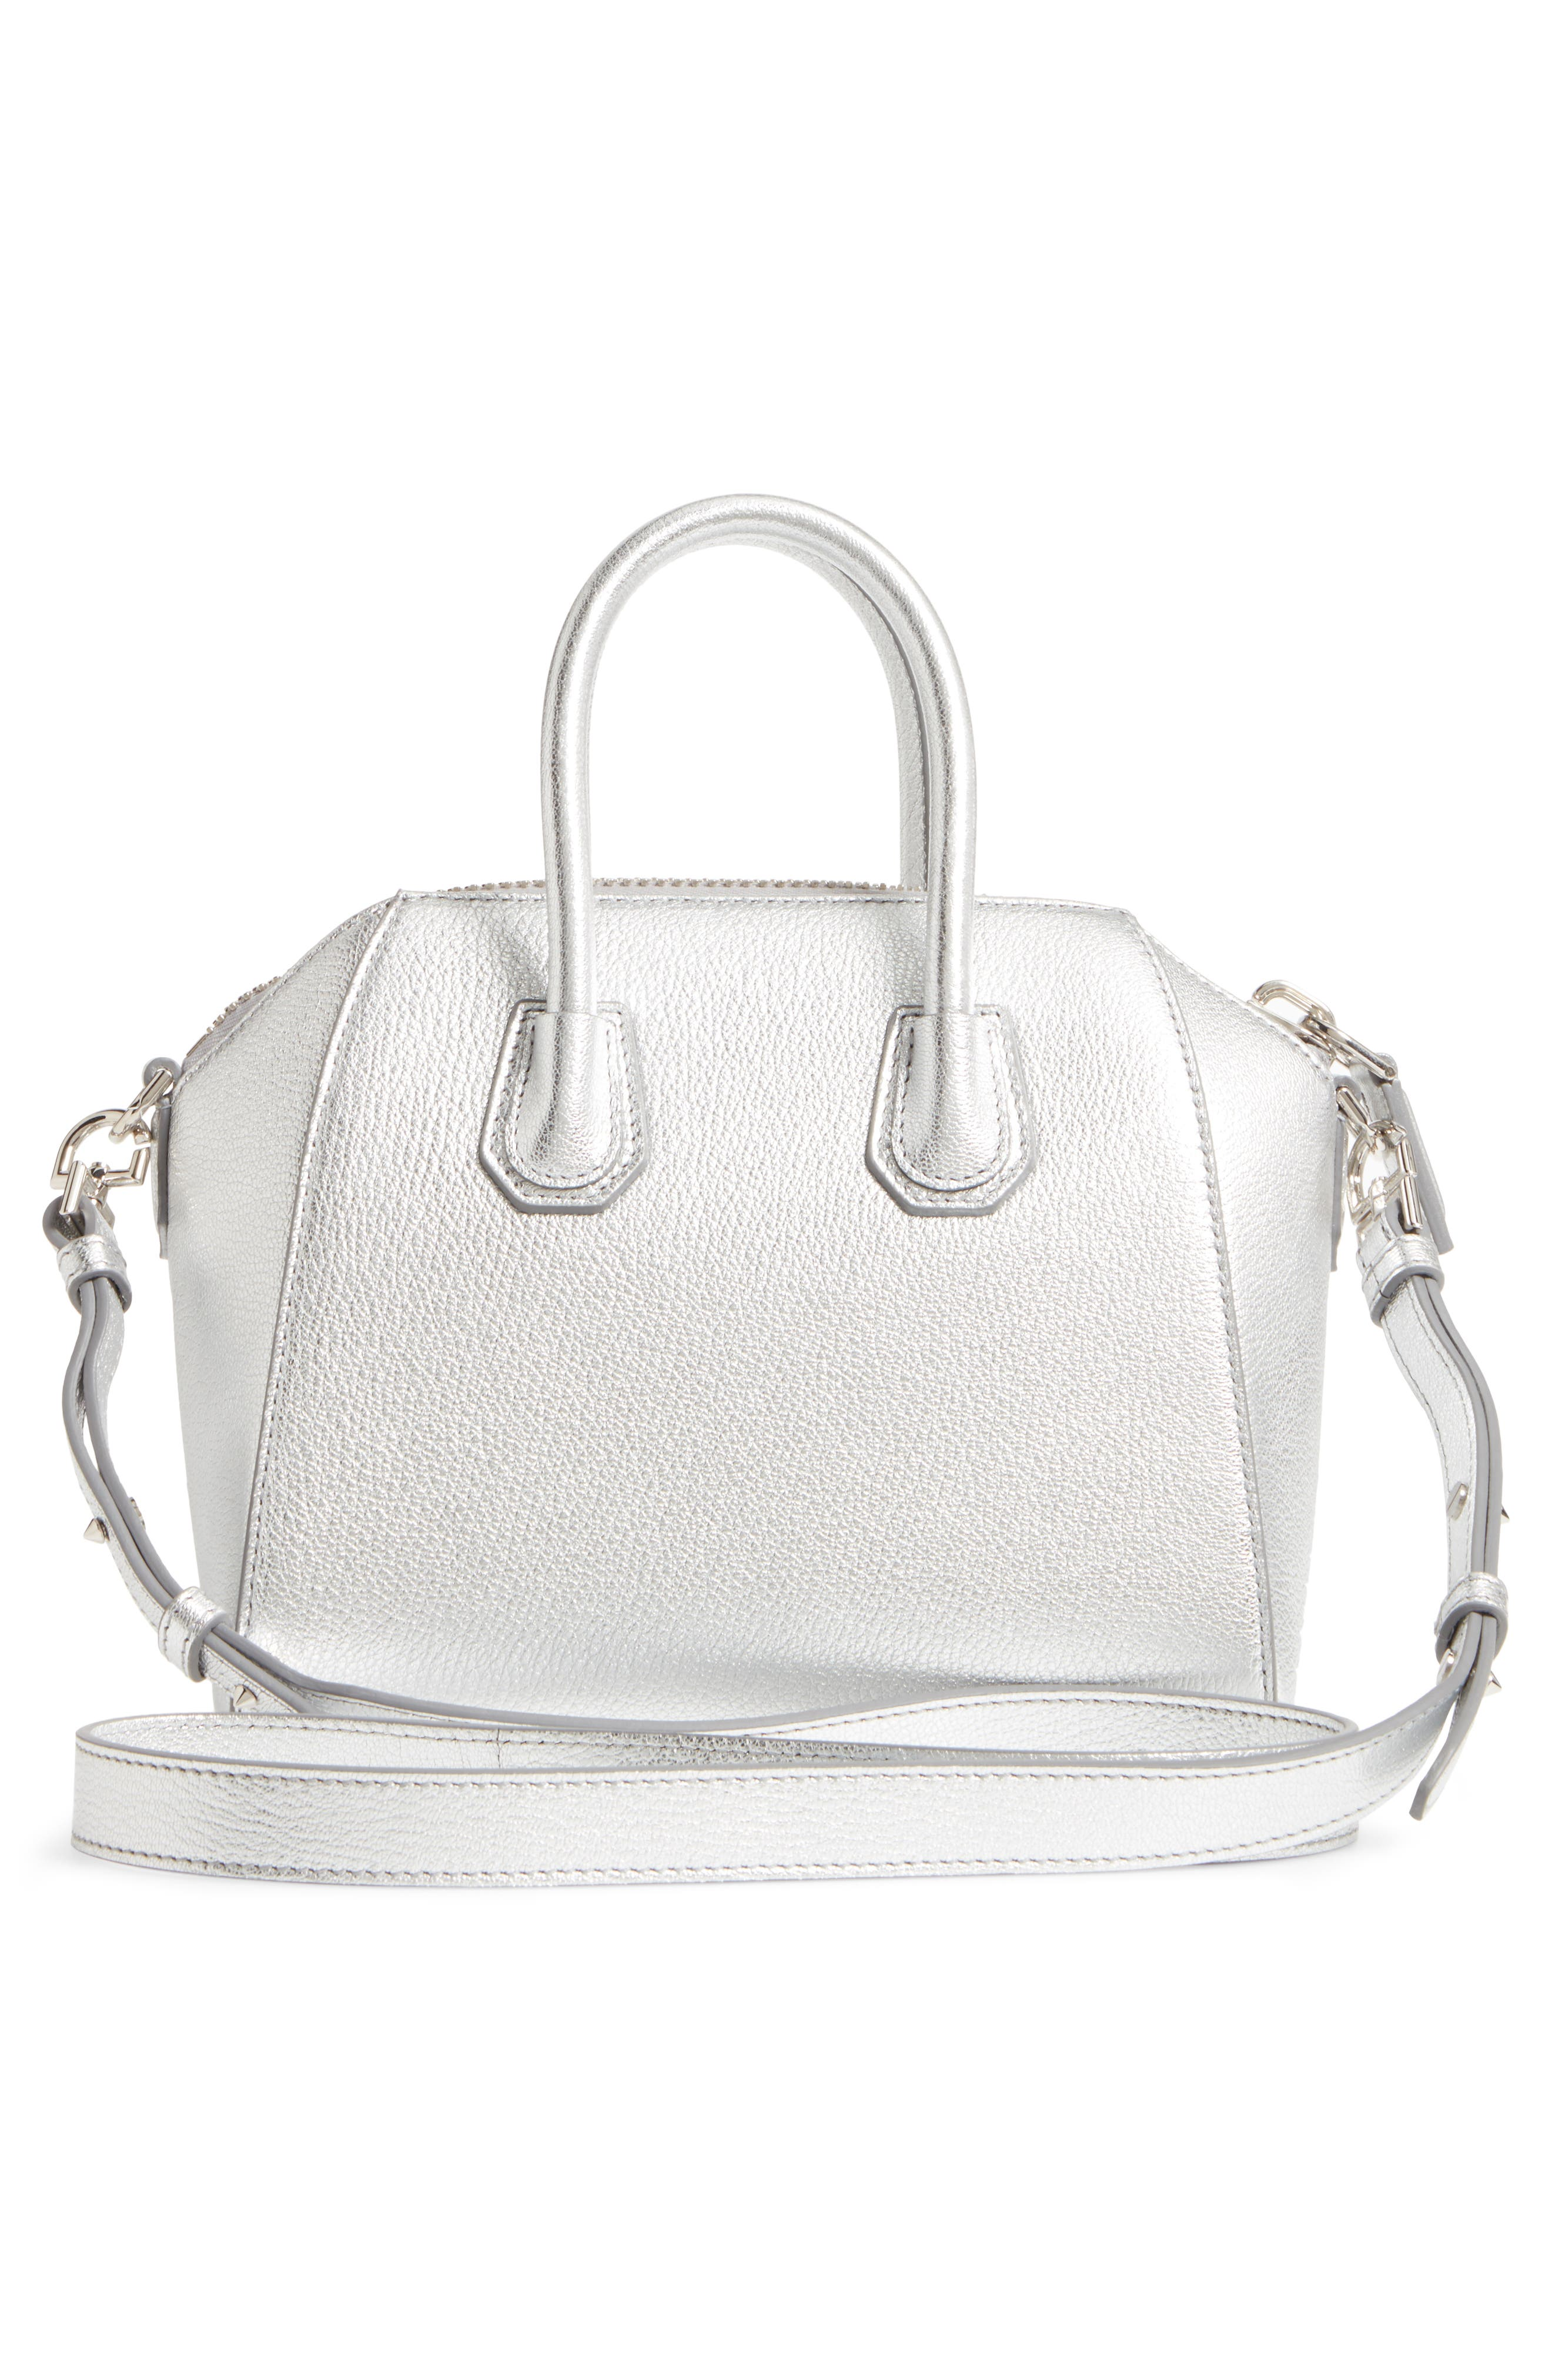 Alternate Image 2  - Givenchy Mini Antigona Metallic Leather Satchel